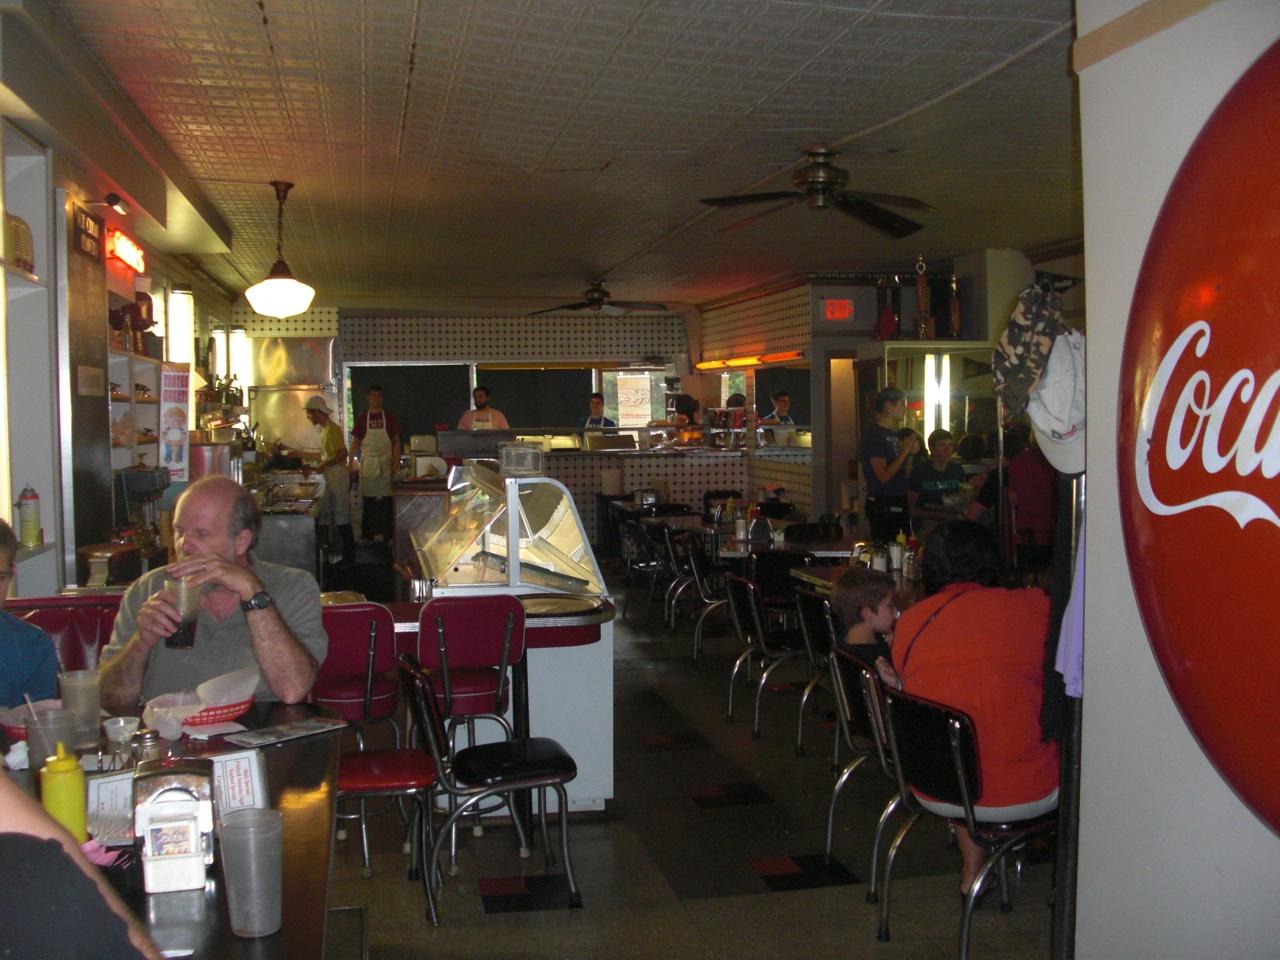 Inside The South Side Diner in Goshen, Indiana